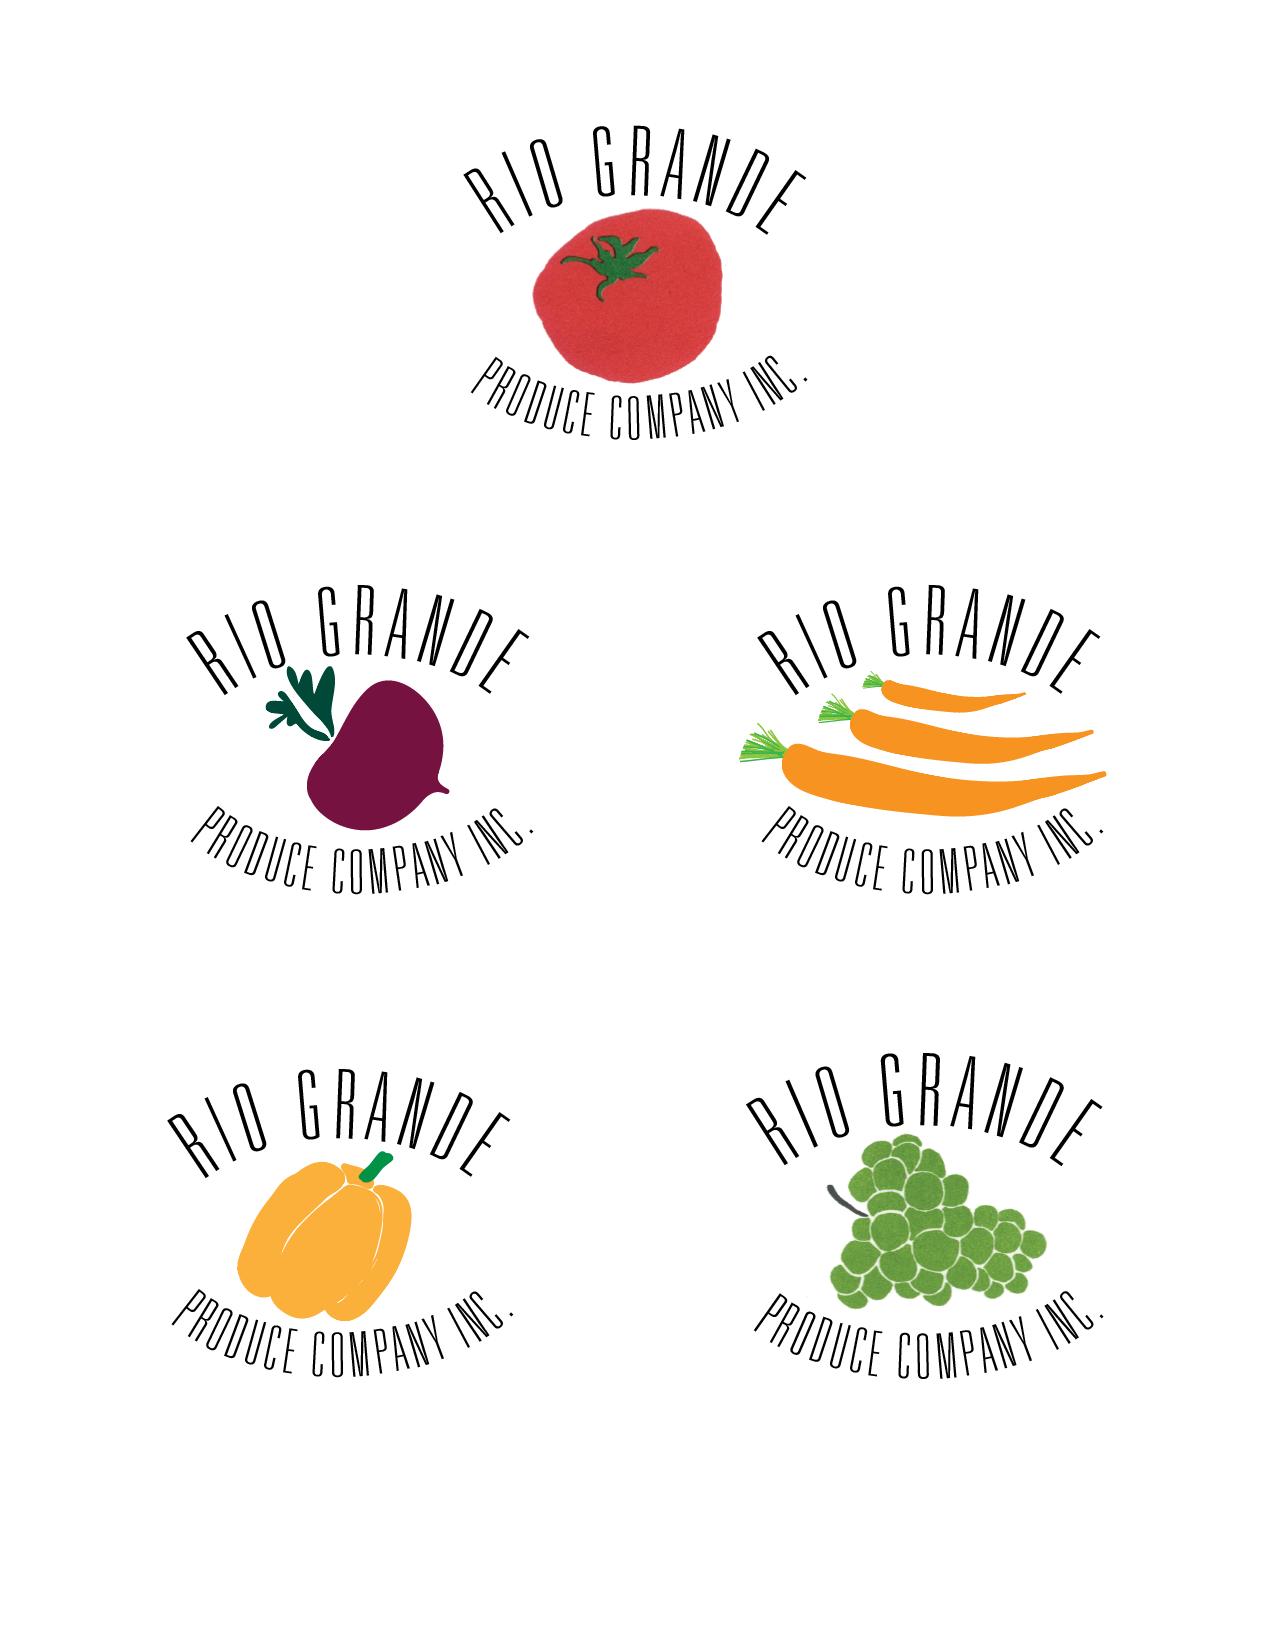 Rio Grande Produce Co. identity